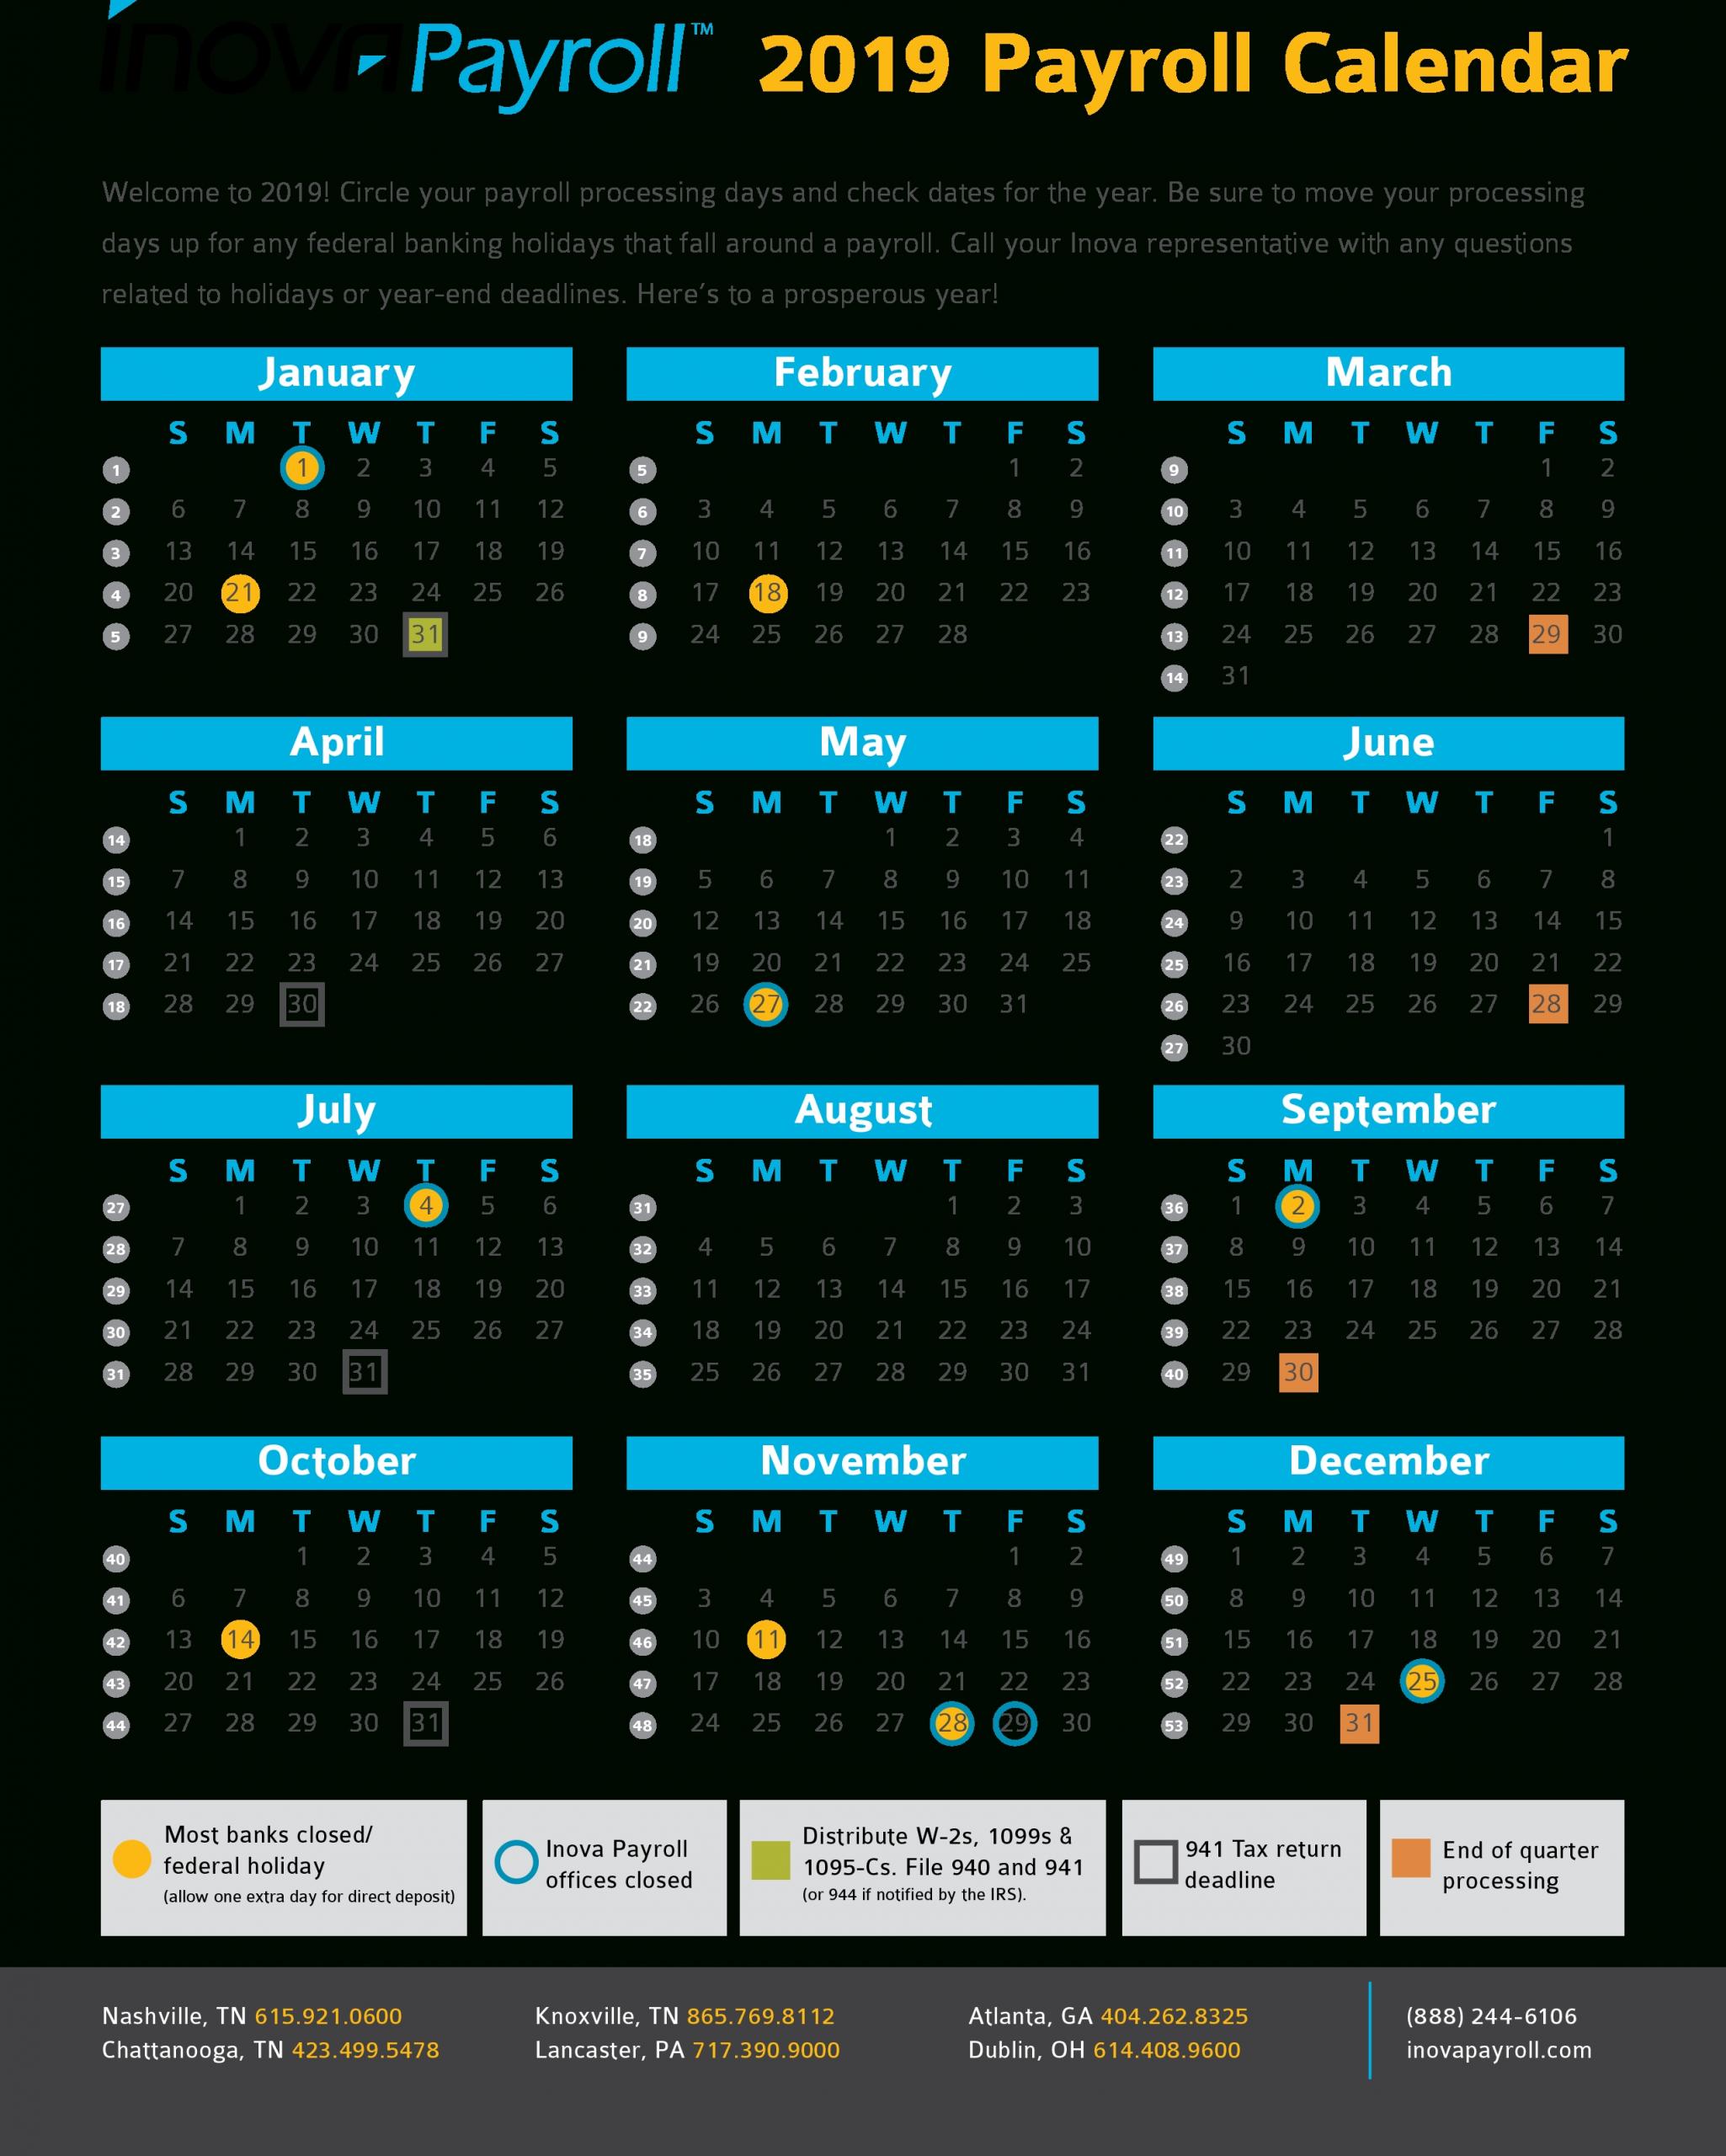 Payroll Calendar Irs | Payroll Calendar 2021